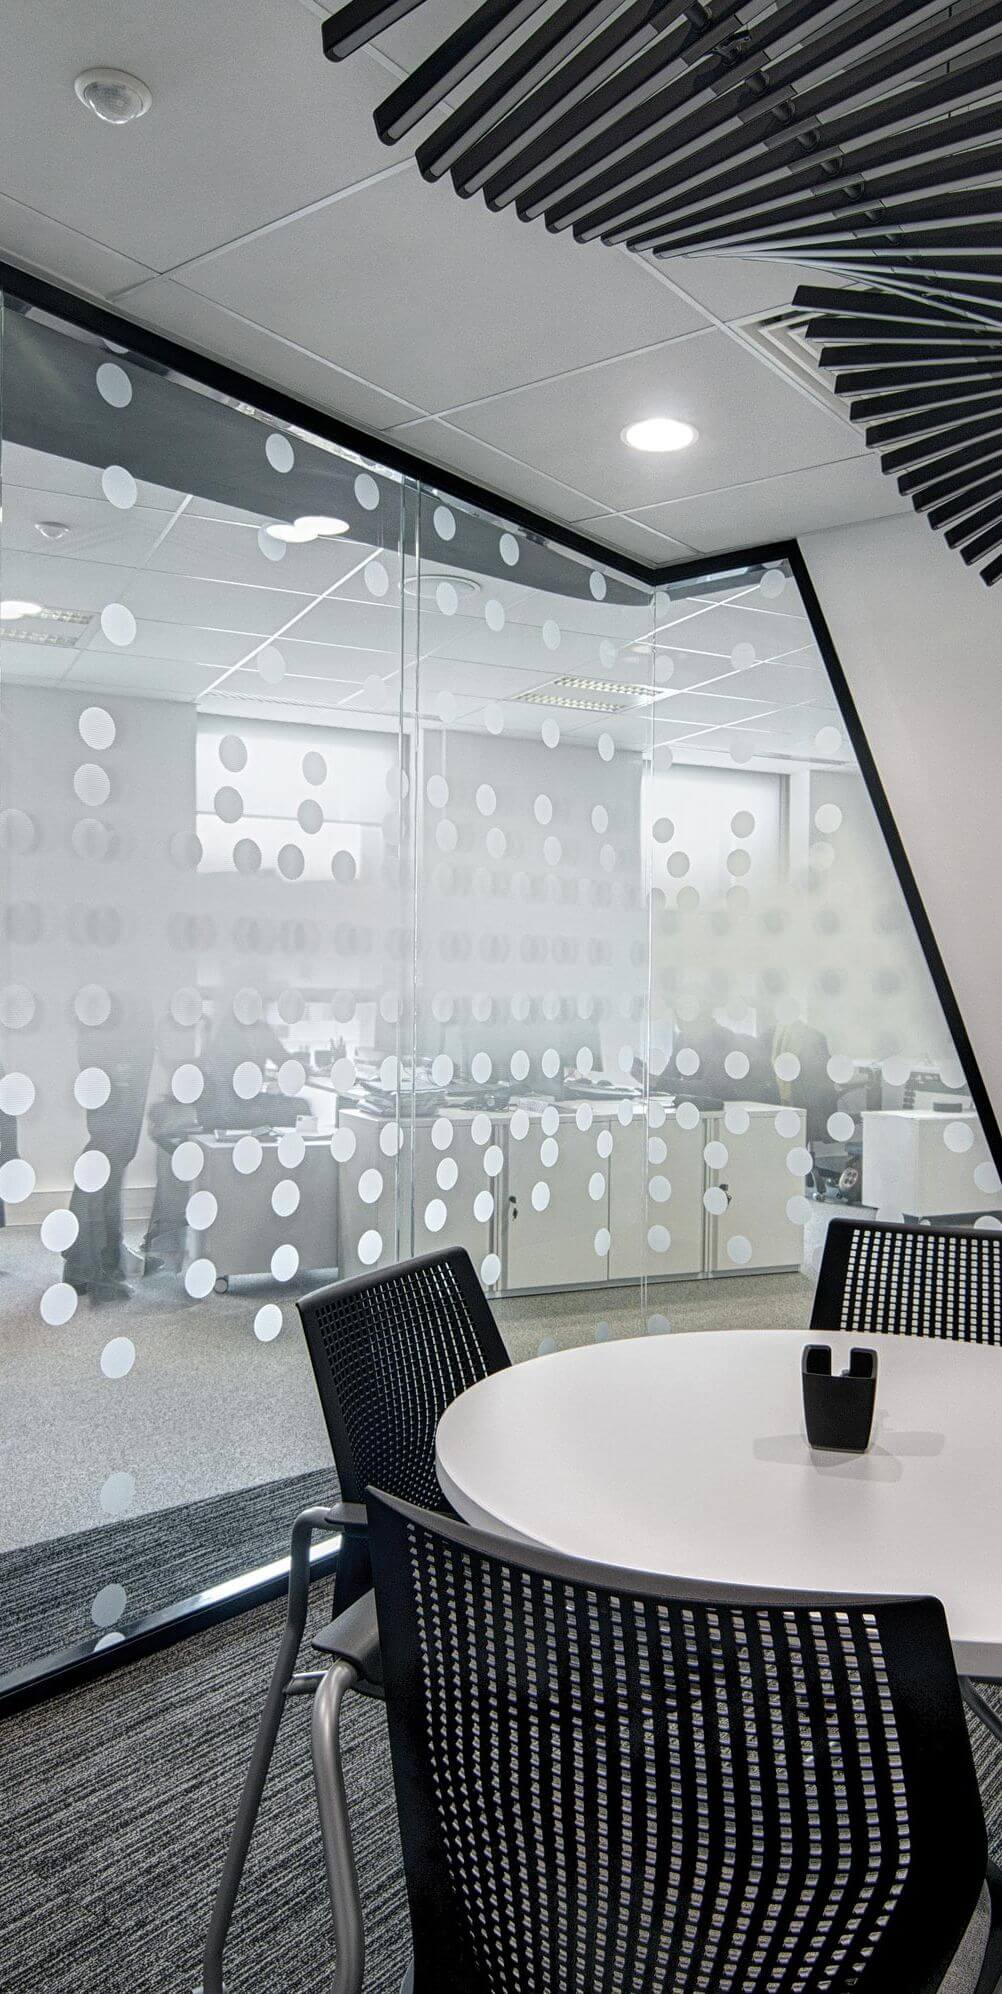 Cloison vitrée bord à bord : du rôle des vitrages pour allier esthétique et confidentialité